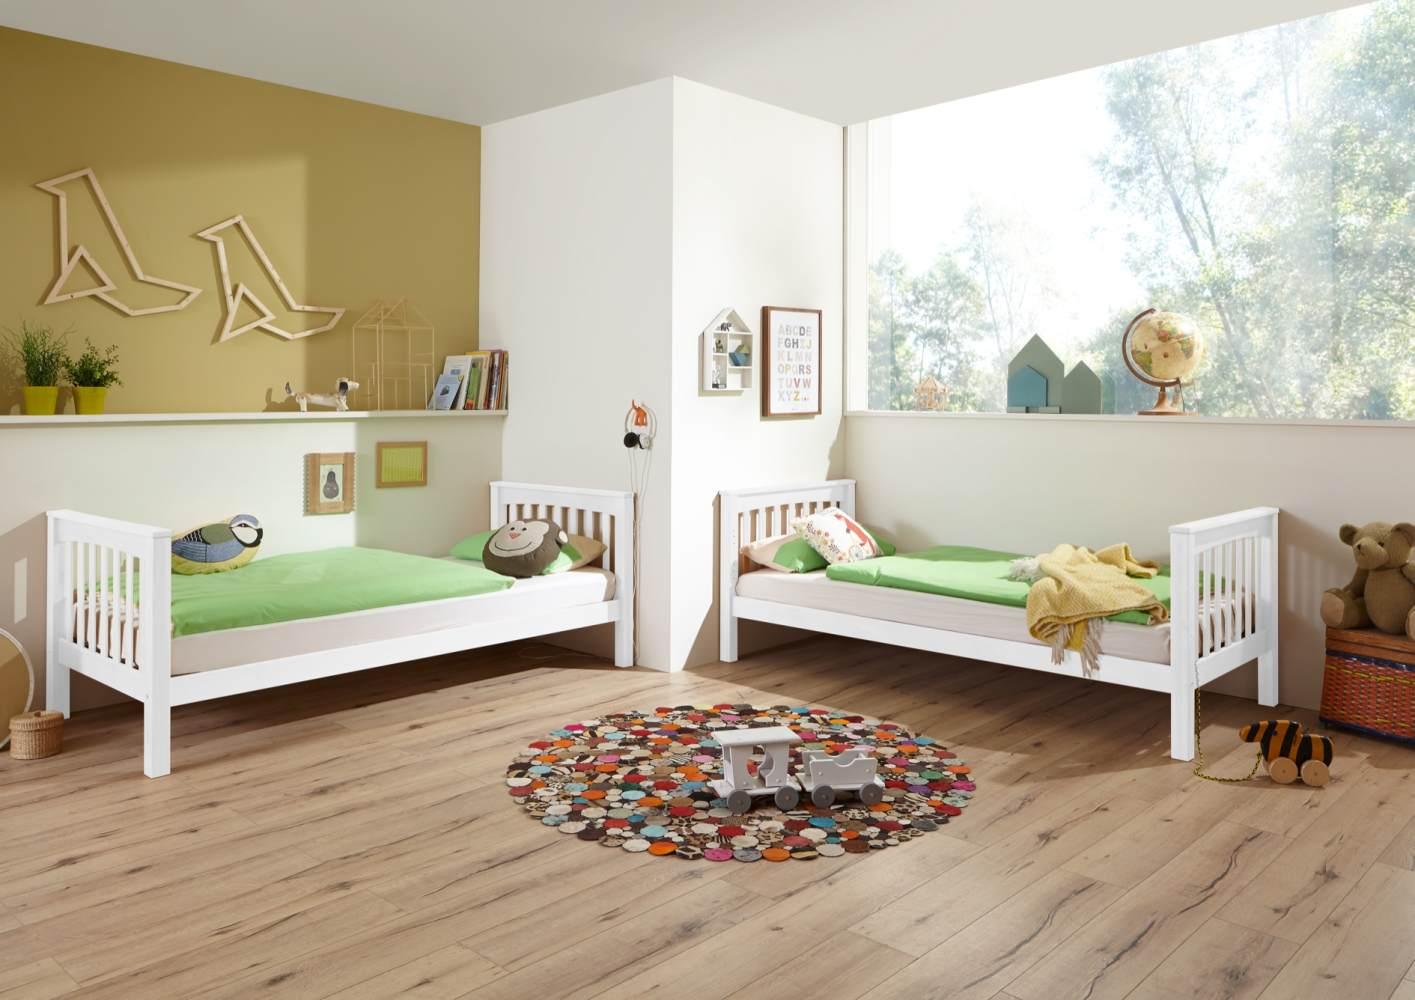 Etagenbett Kinderbett Kick 90x200 cm Buche massiv Weiß Bild 1